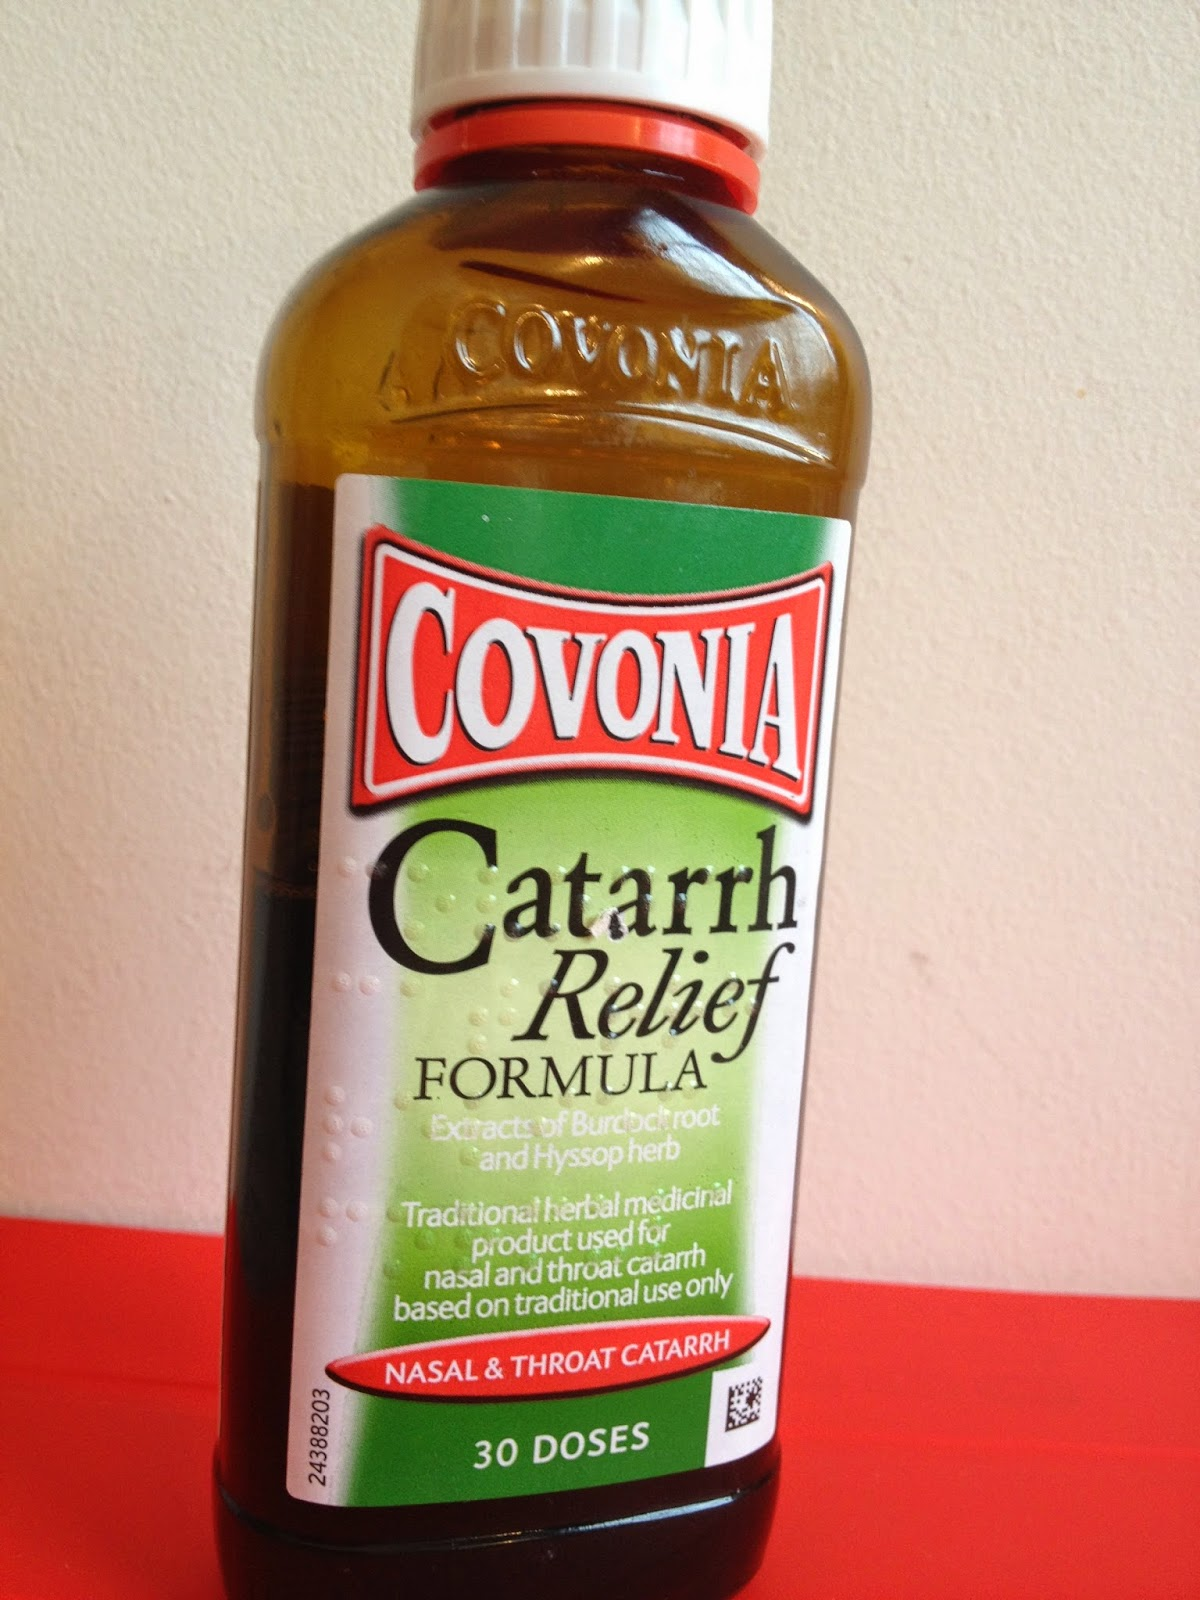 covonia catarrh relief